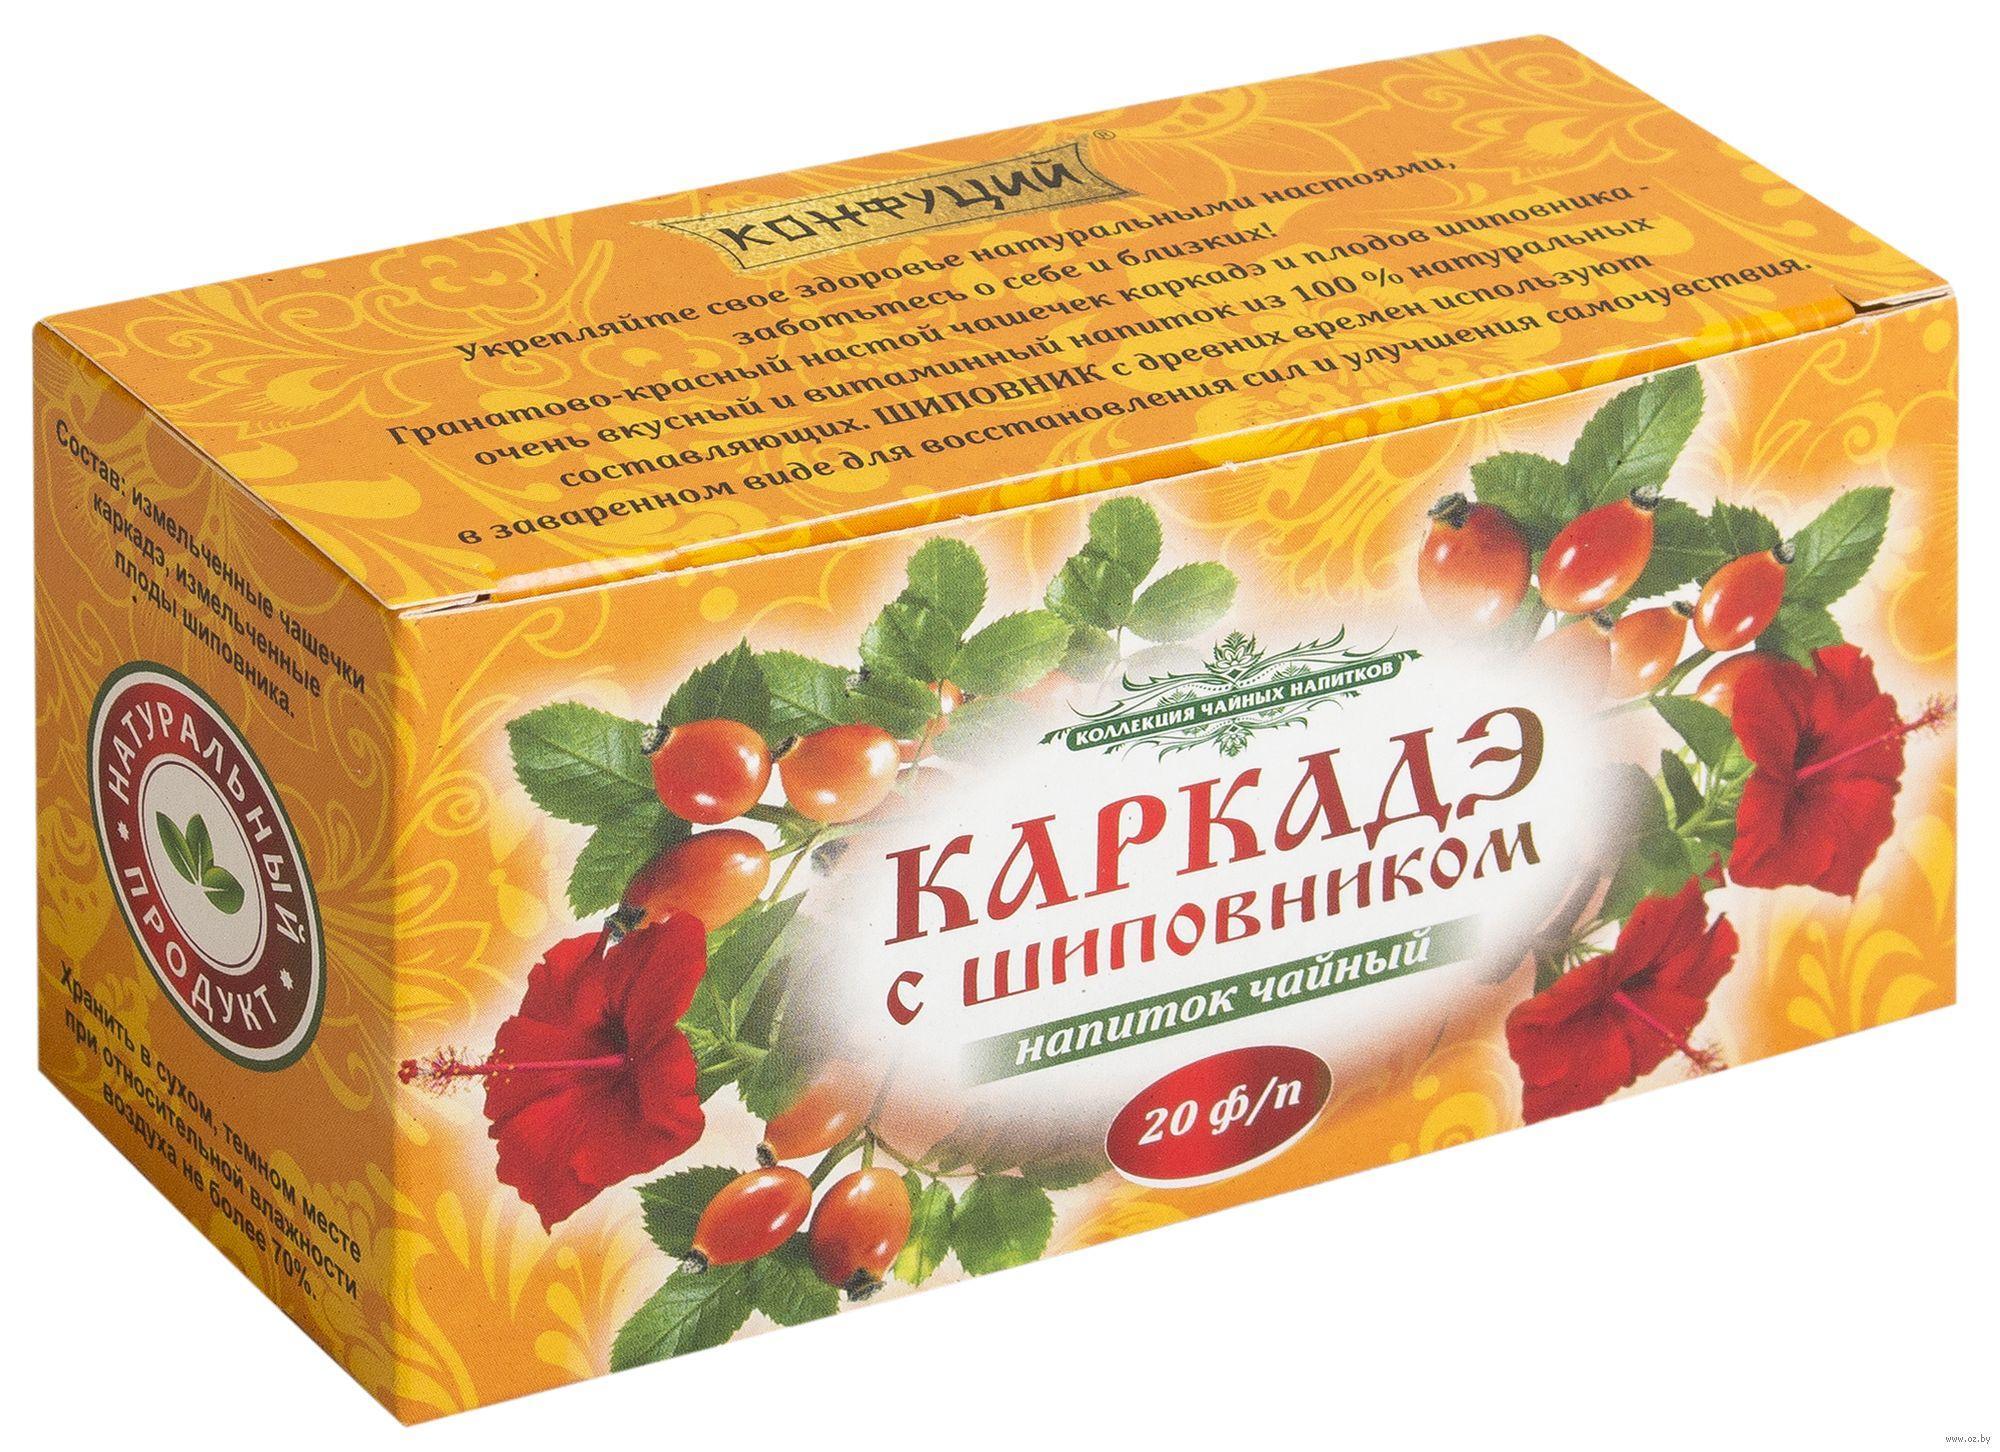 Чай Конфуций Каркаде с шиповником 20 пакетов